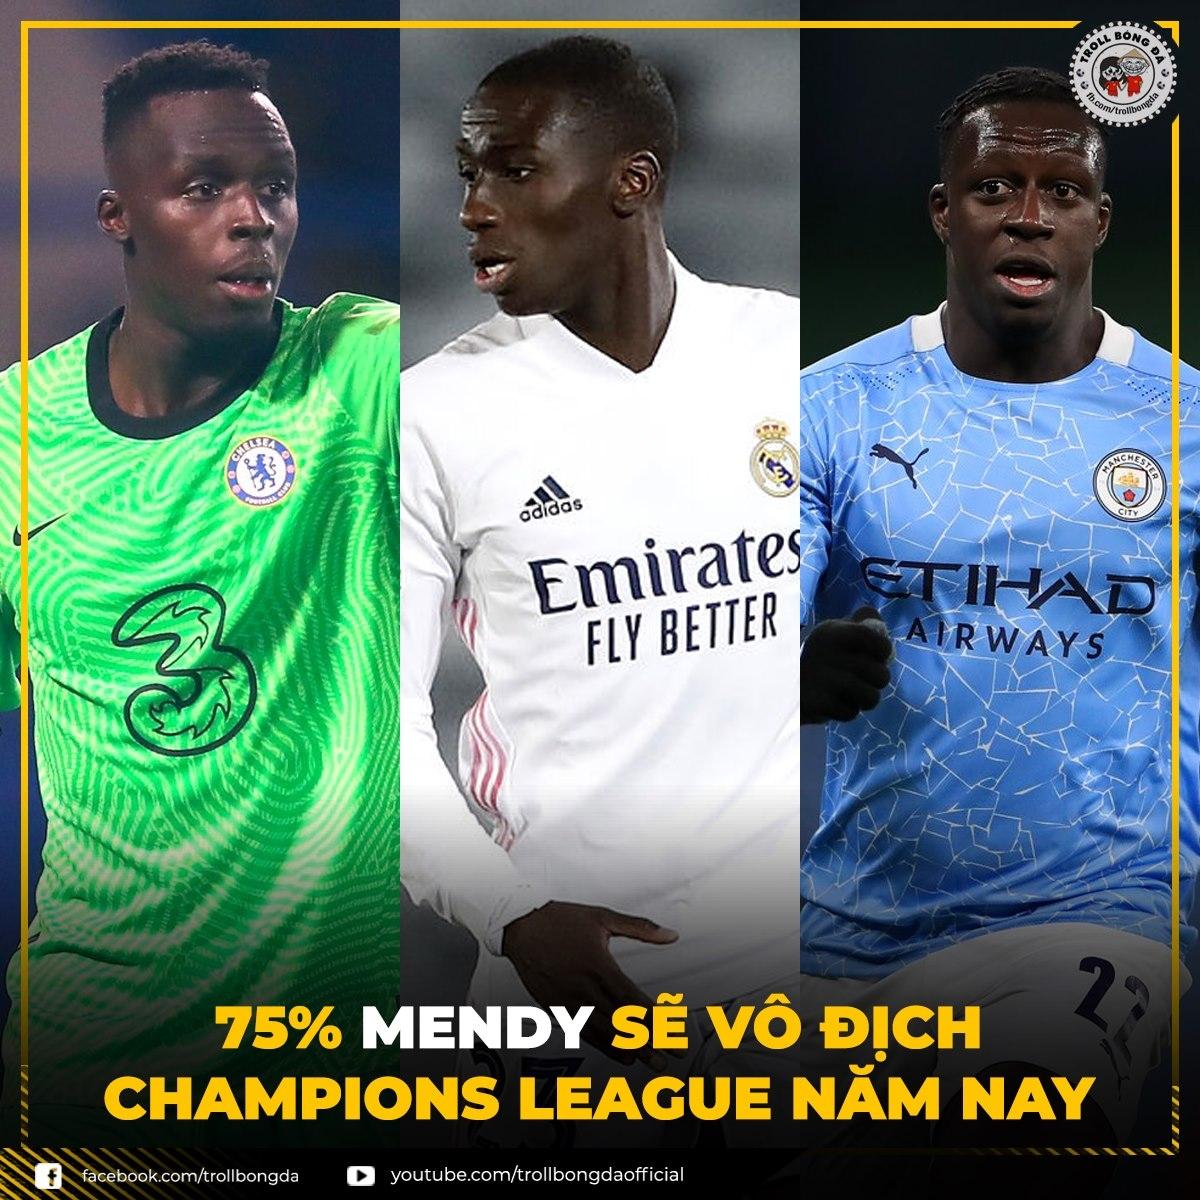 75% Mendy sẽ vô địch Champions League năm nay. (Ảnh: Troll bóng đá).